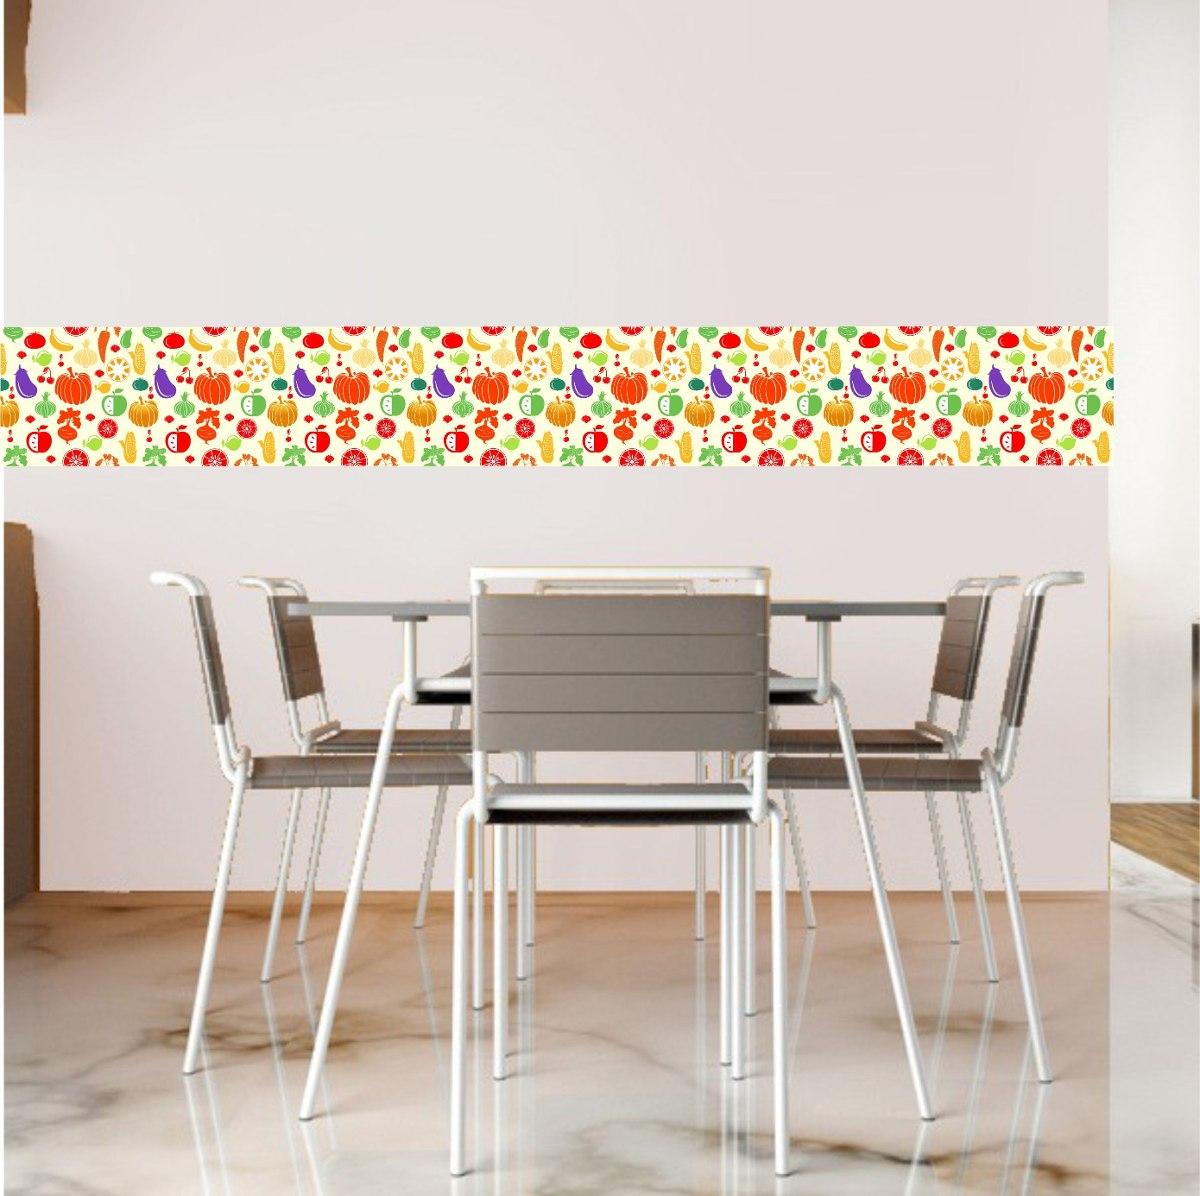 Adesivo Mesa De Jantar ~ Adesivo Decoraç u00e3o Parede Cozinha Faixa Frutas Legumes R$ 16,99 em Mercado Livre